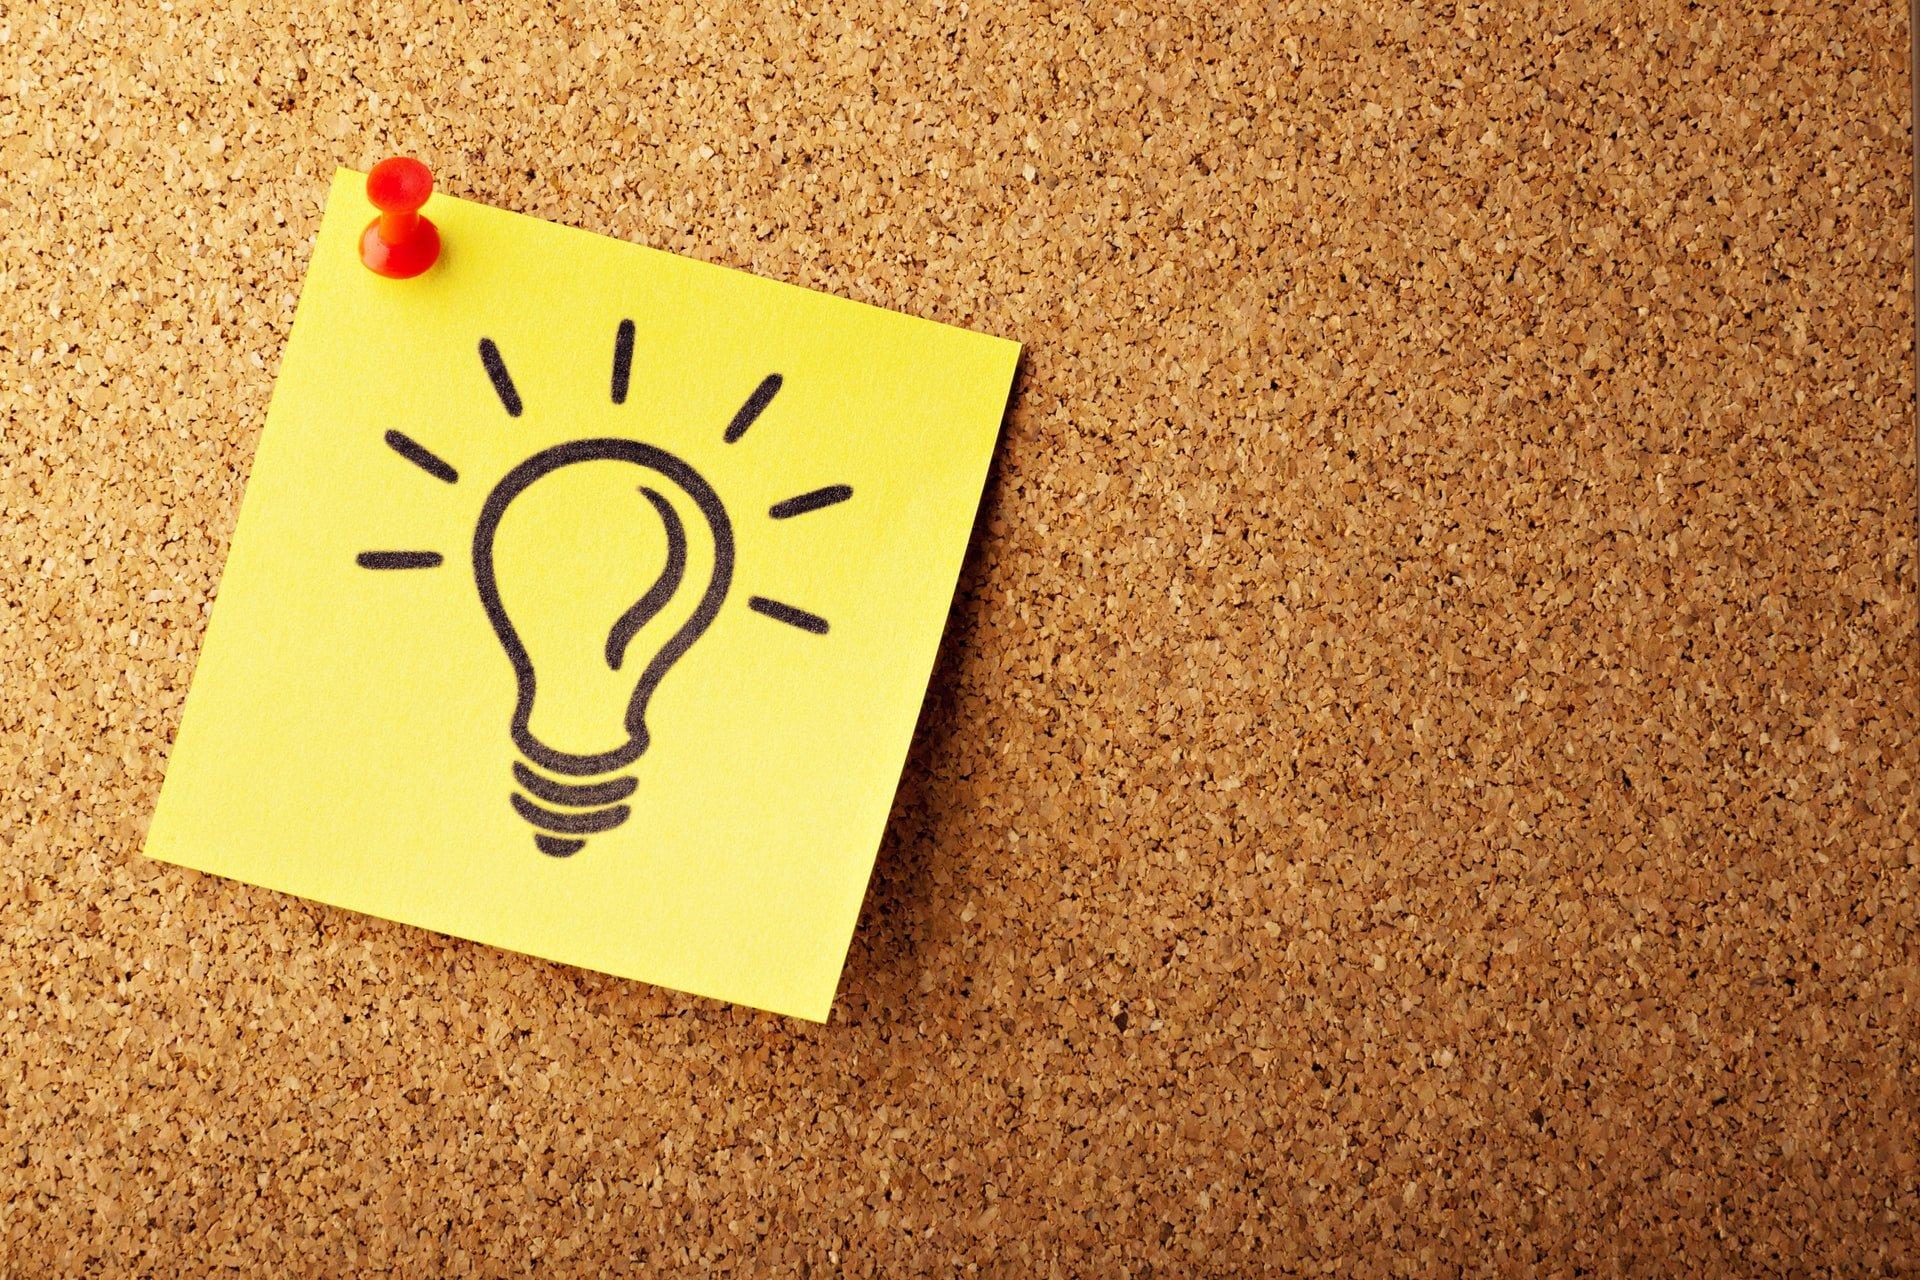 Innovación y Servitización B2B; diferenciándome también en mi modelo de negocio.